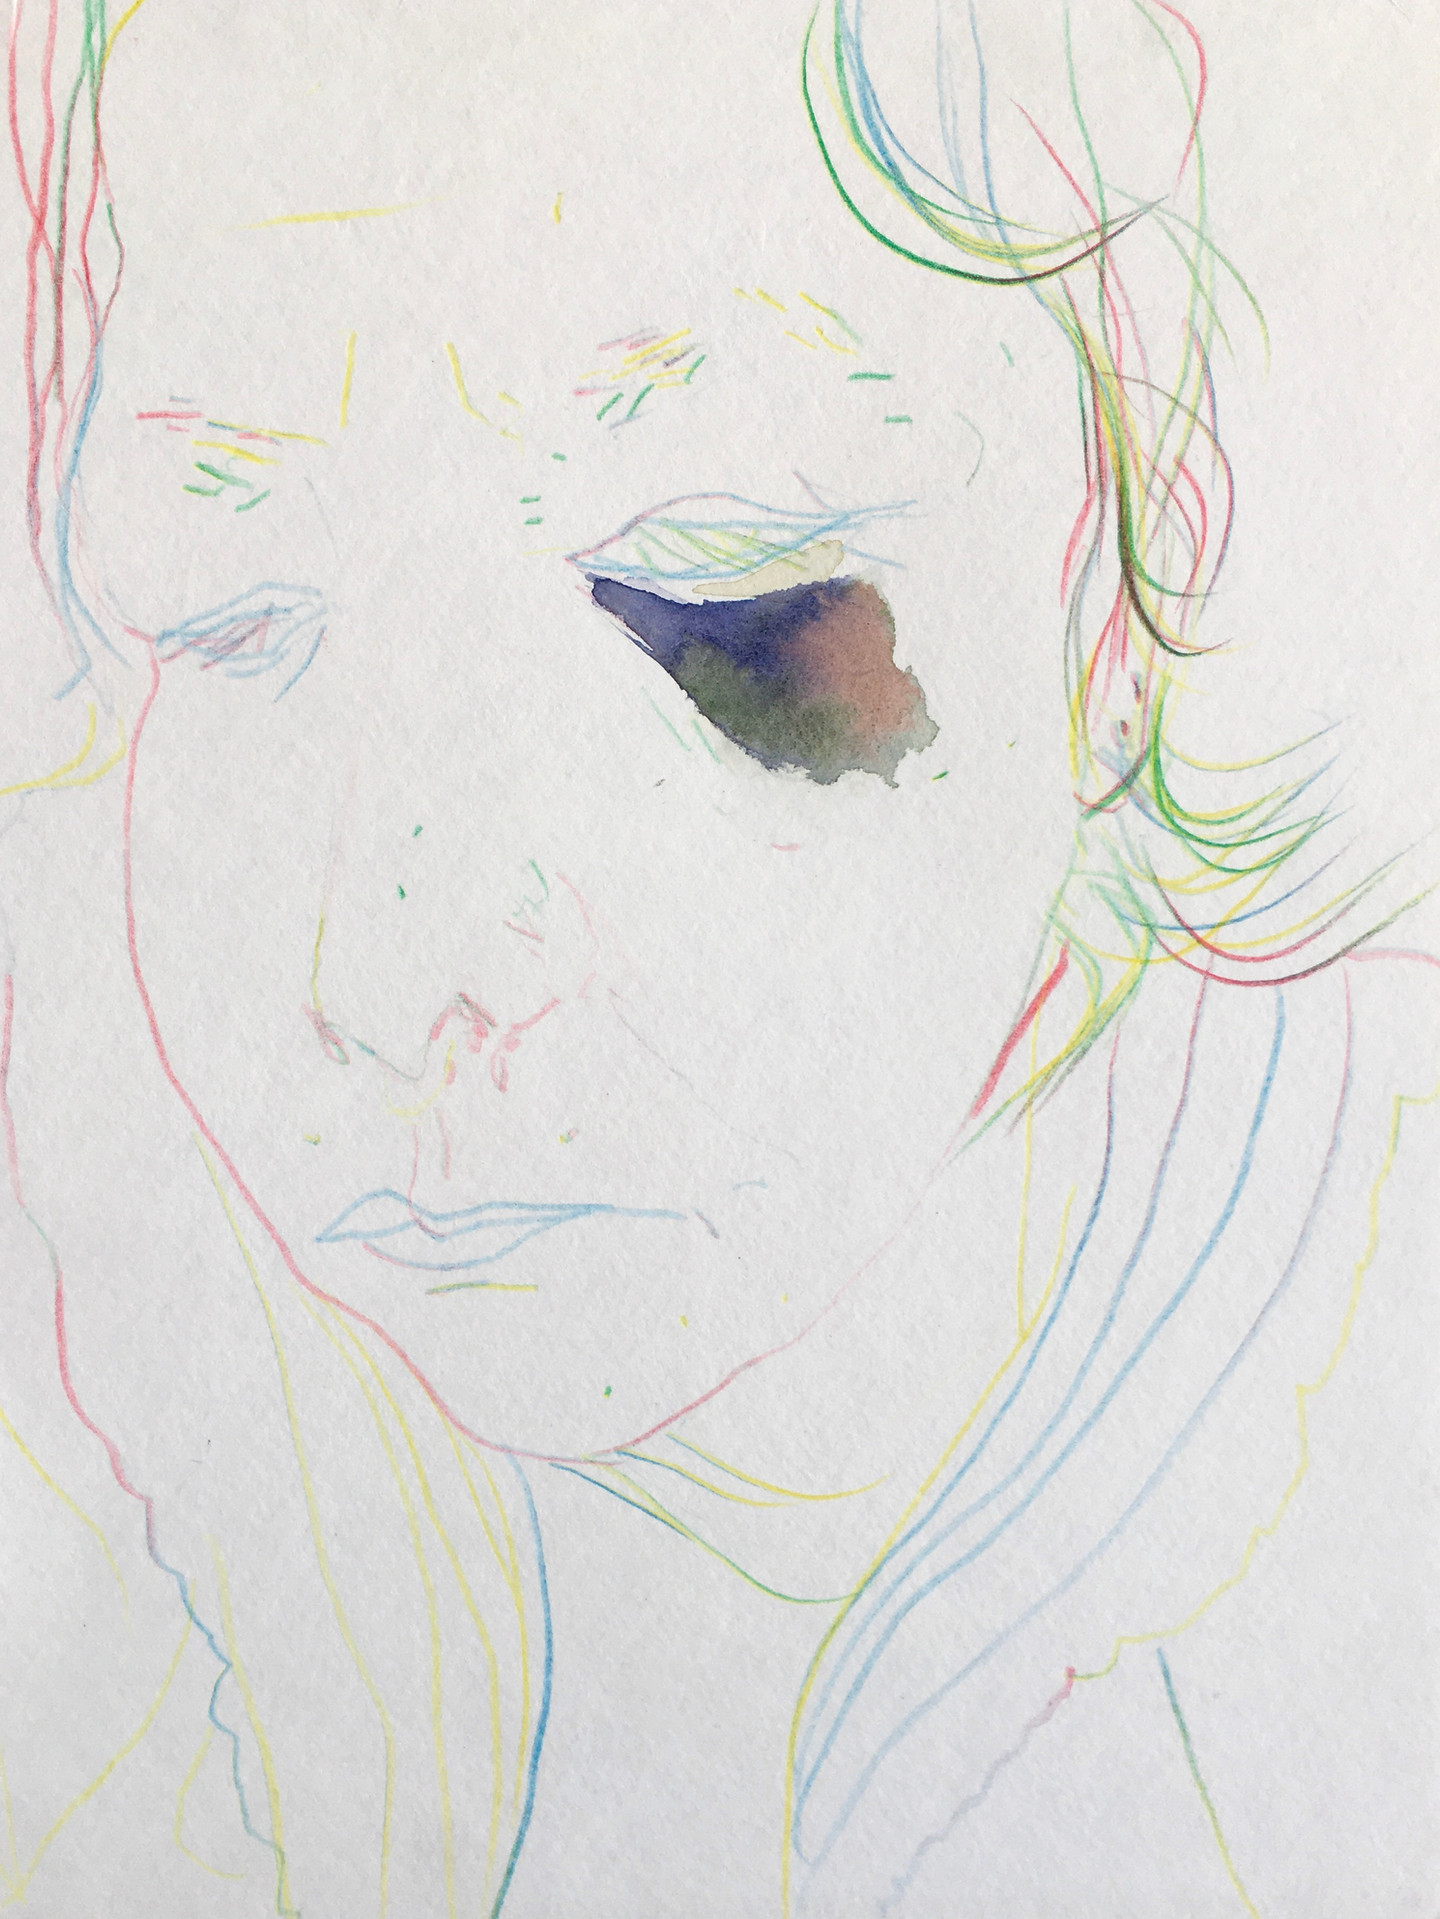 She opened her dull eyelids and looked at him distraught./Sie schlug die matten Augenlider auf und sah ihn verstört an.